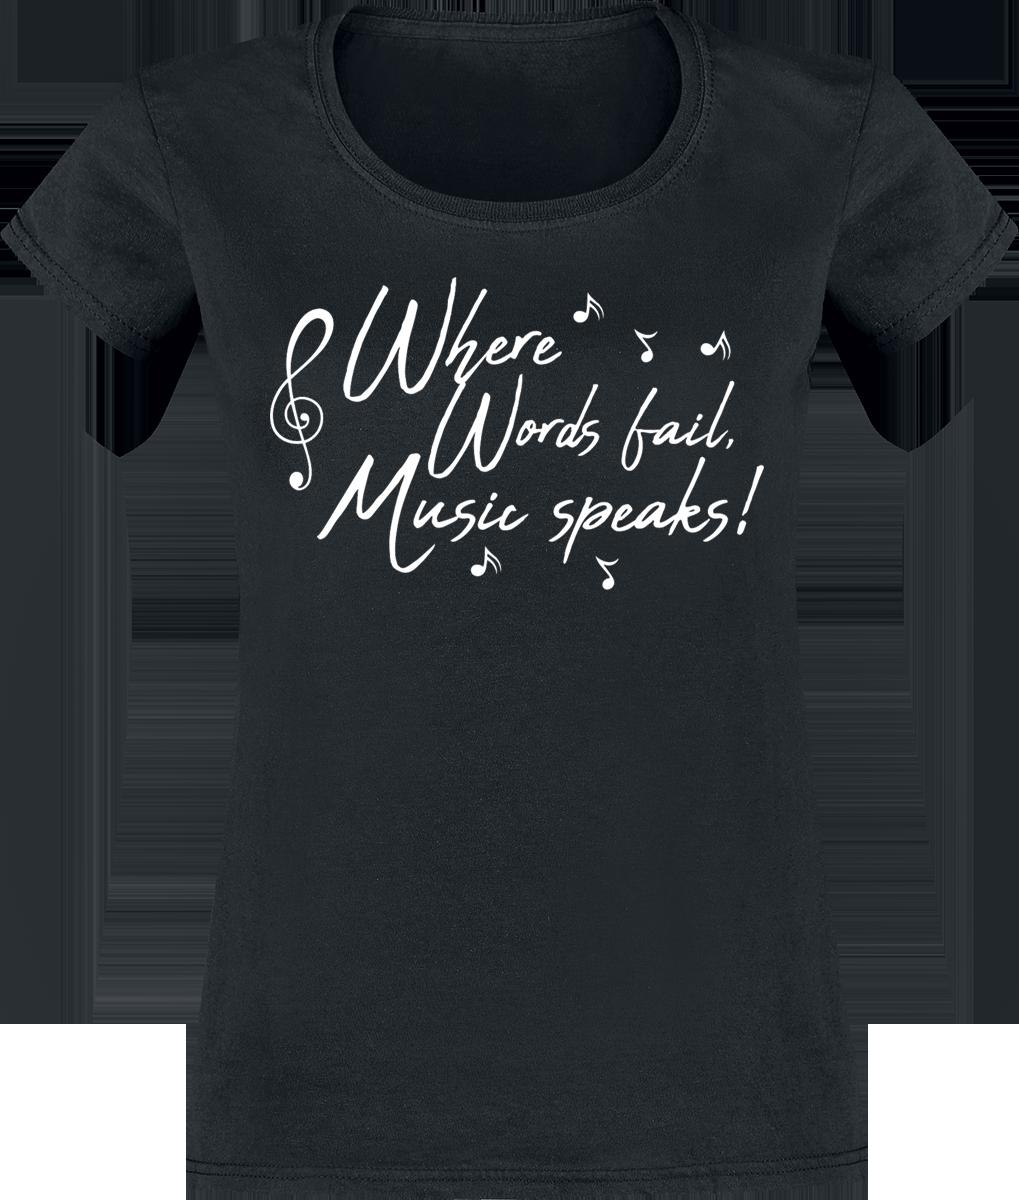 Where Words Fail, Music Speaks! -  - Girls shirt - black image